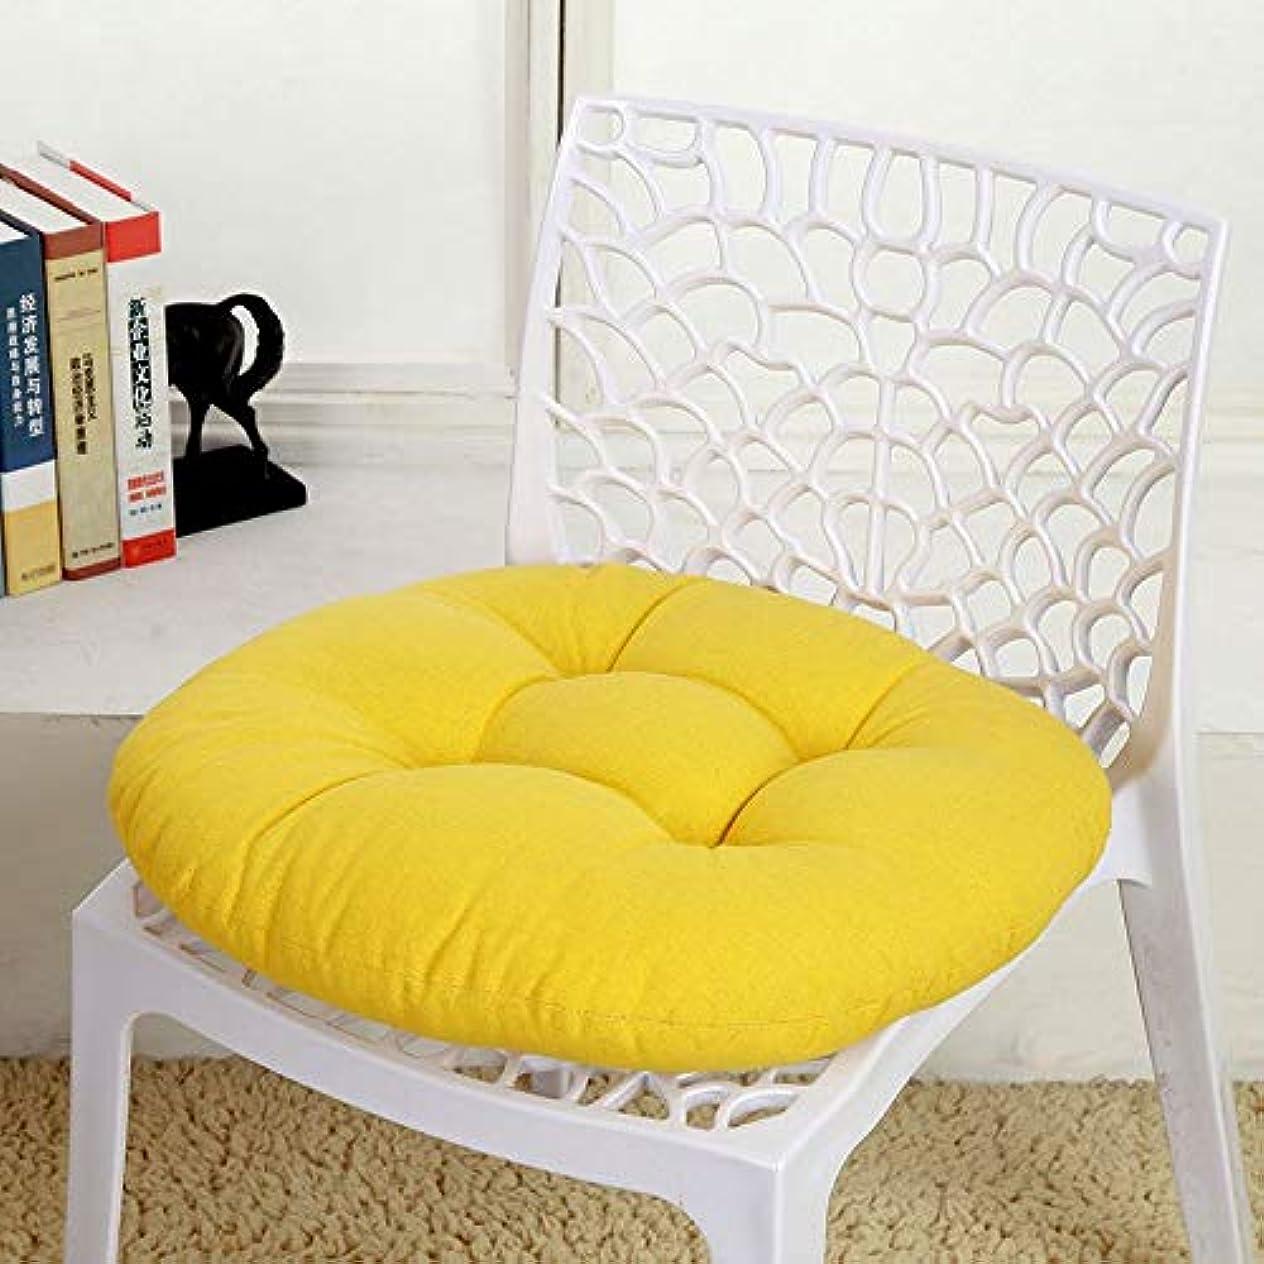 花嫁スリンクロードハウスLIFE キャンディカラーのクッションラウンドシートクッション波ウィンドウシートクッションクッション家の装飾パッドラウンド枕シート枕椅子座る枕 クッション 椅子